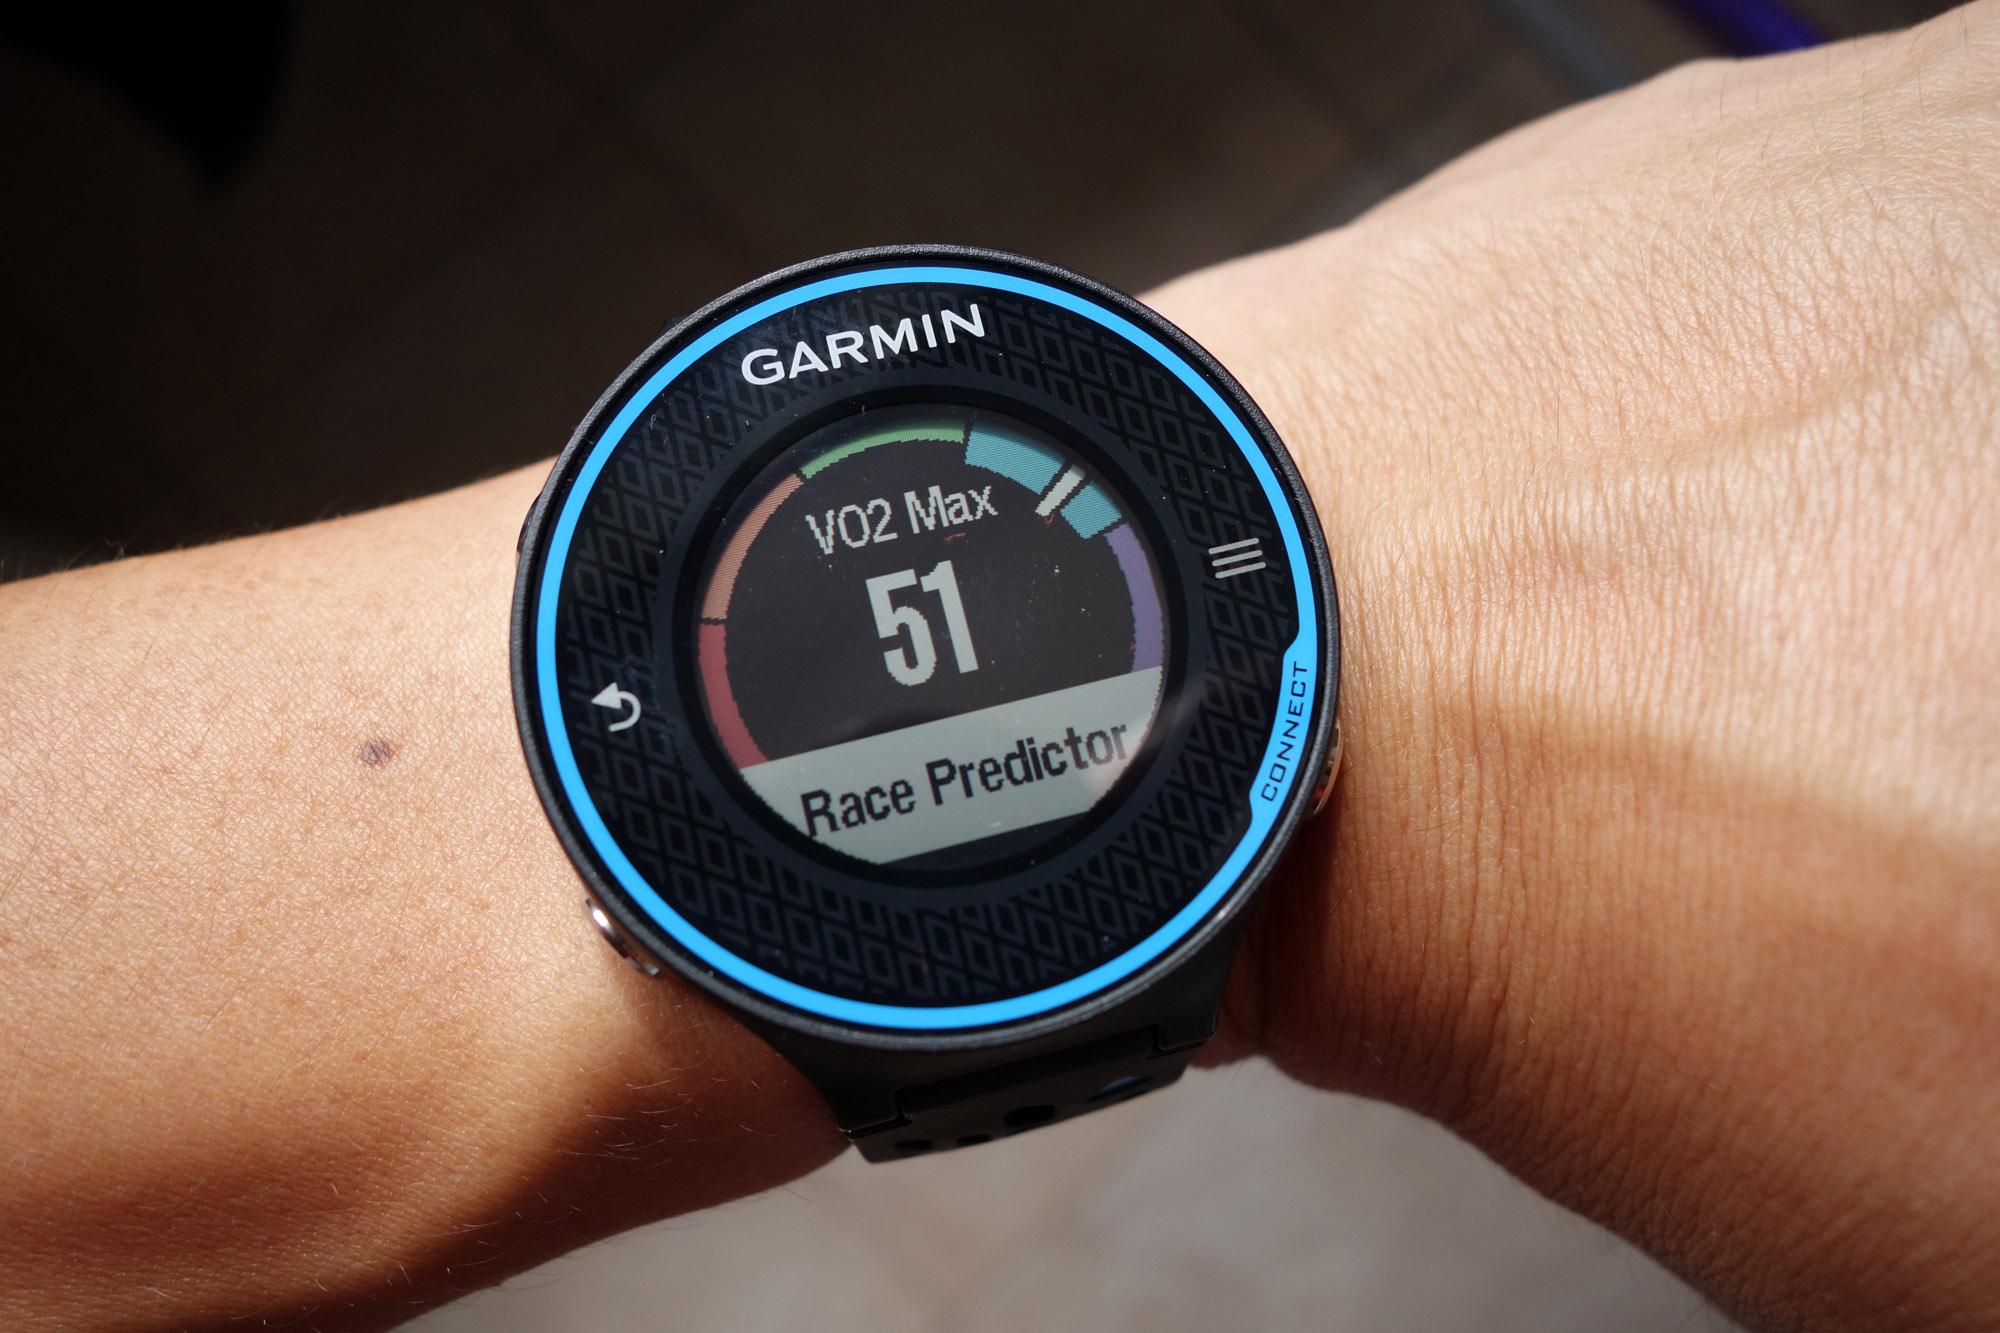 Watch with wrist hrm - Geek Review Garmin Forerunner 620 Gps Running Watch